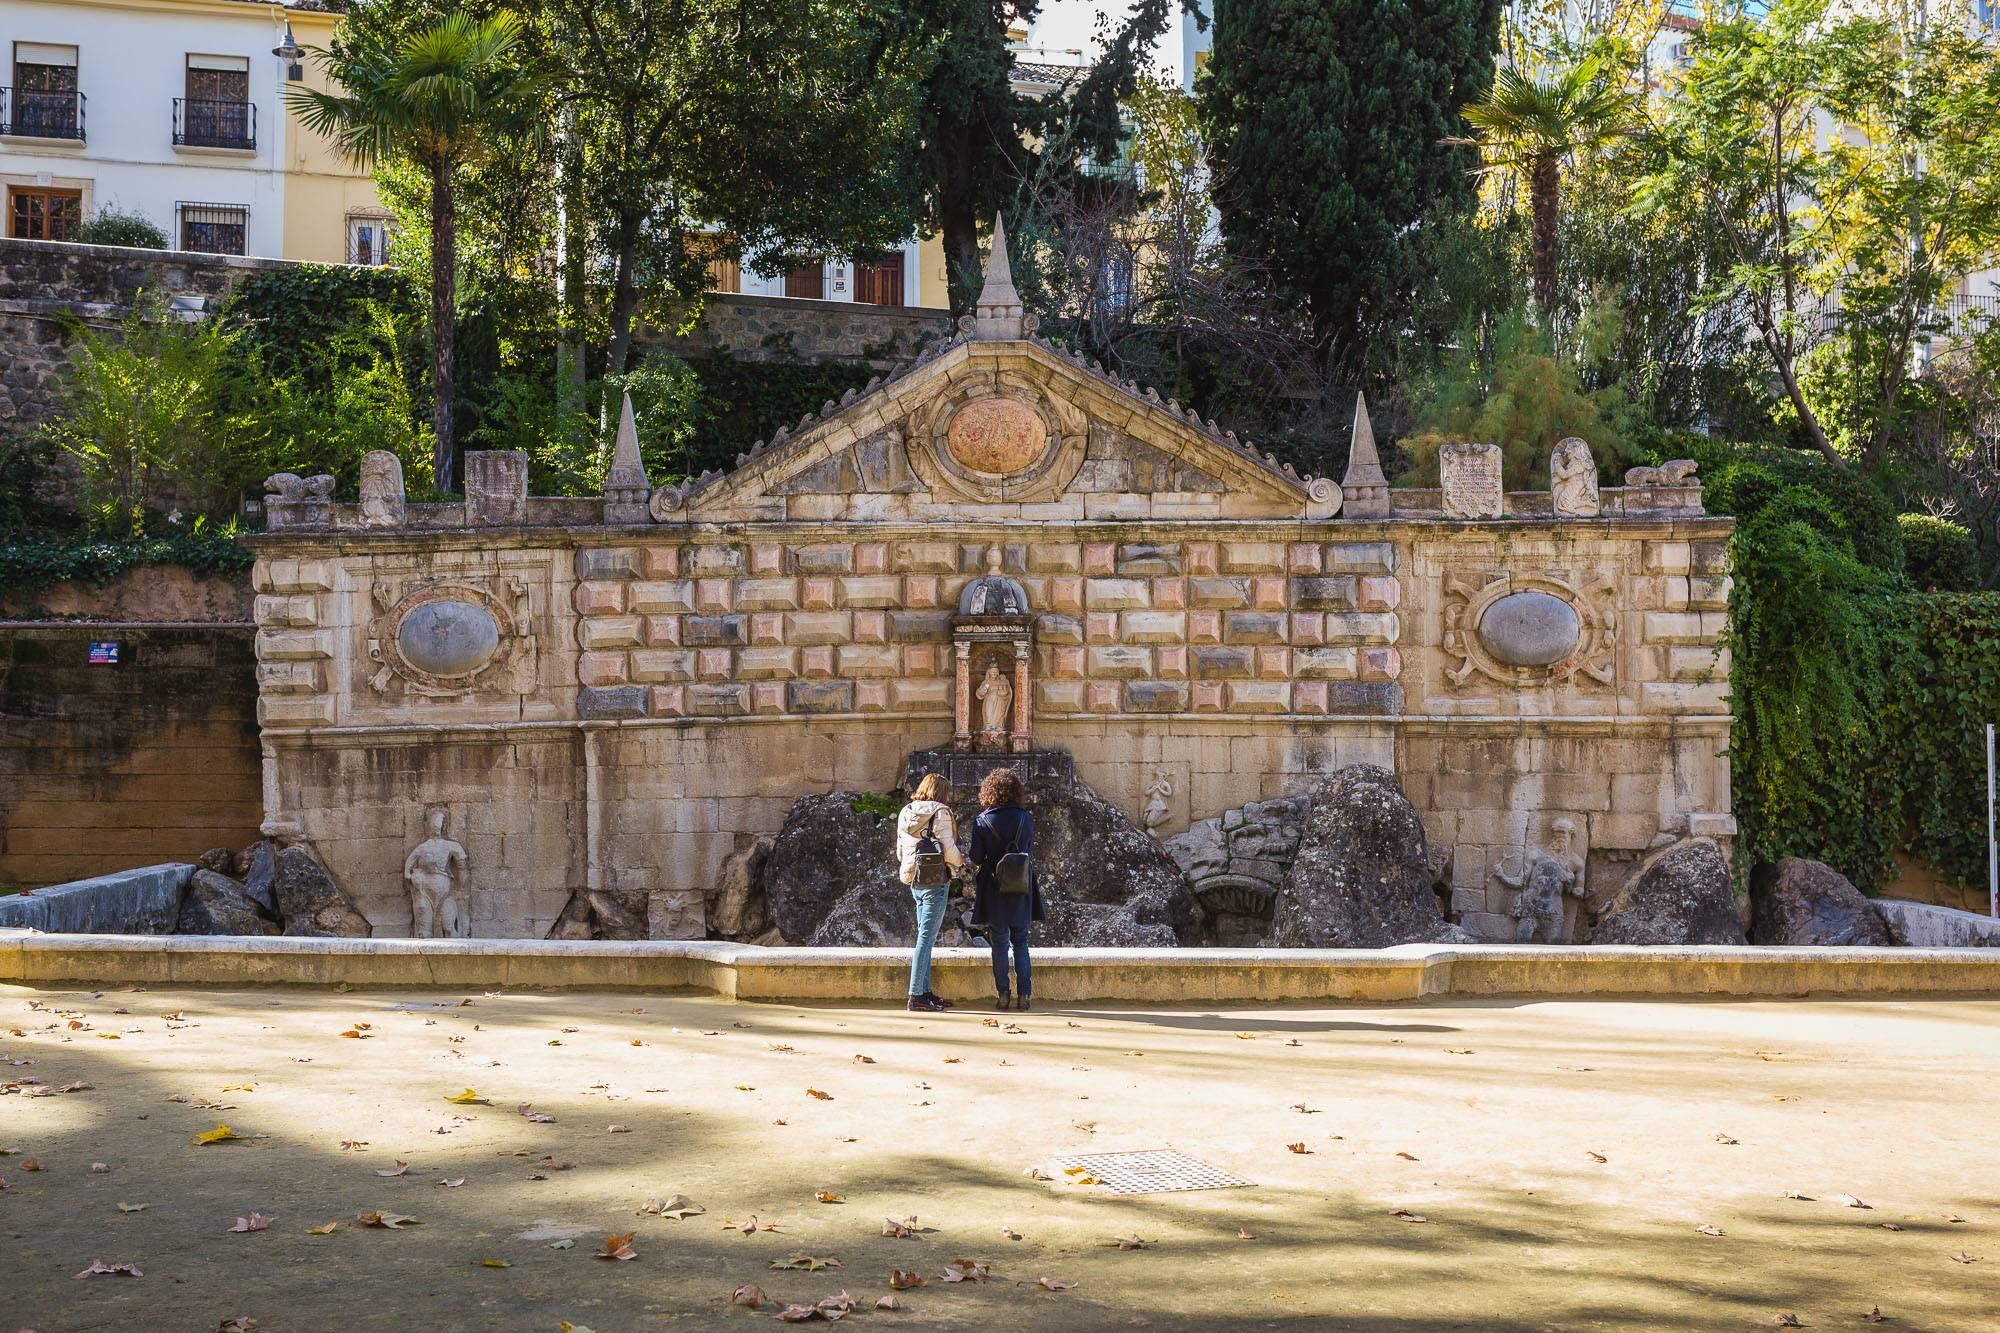 La Fuente de la Salud Rey fue erigida en el siglo XVI.